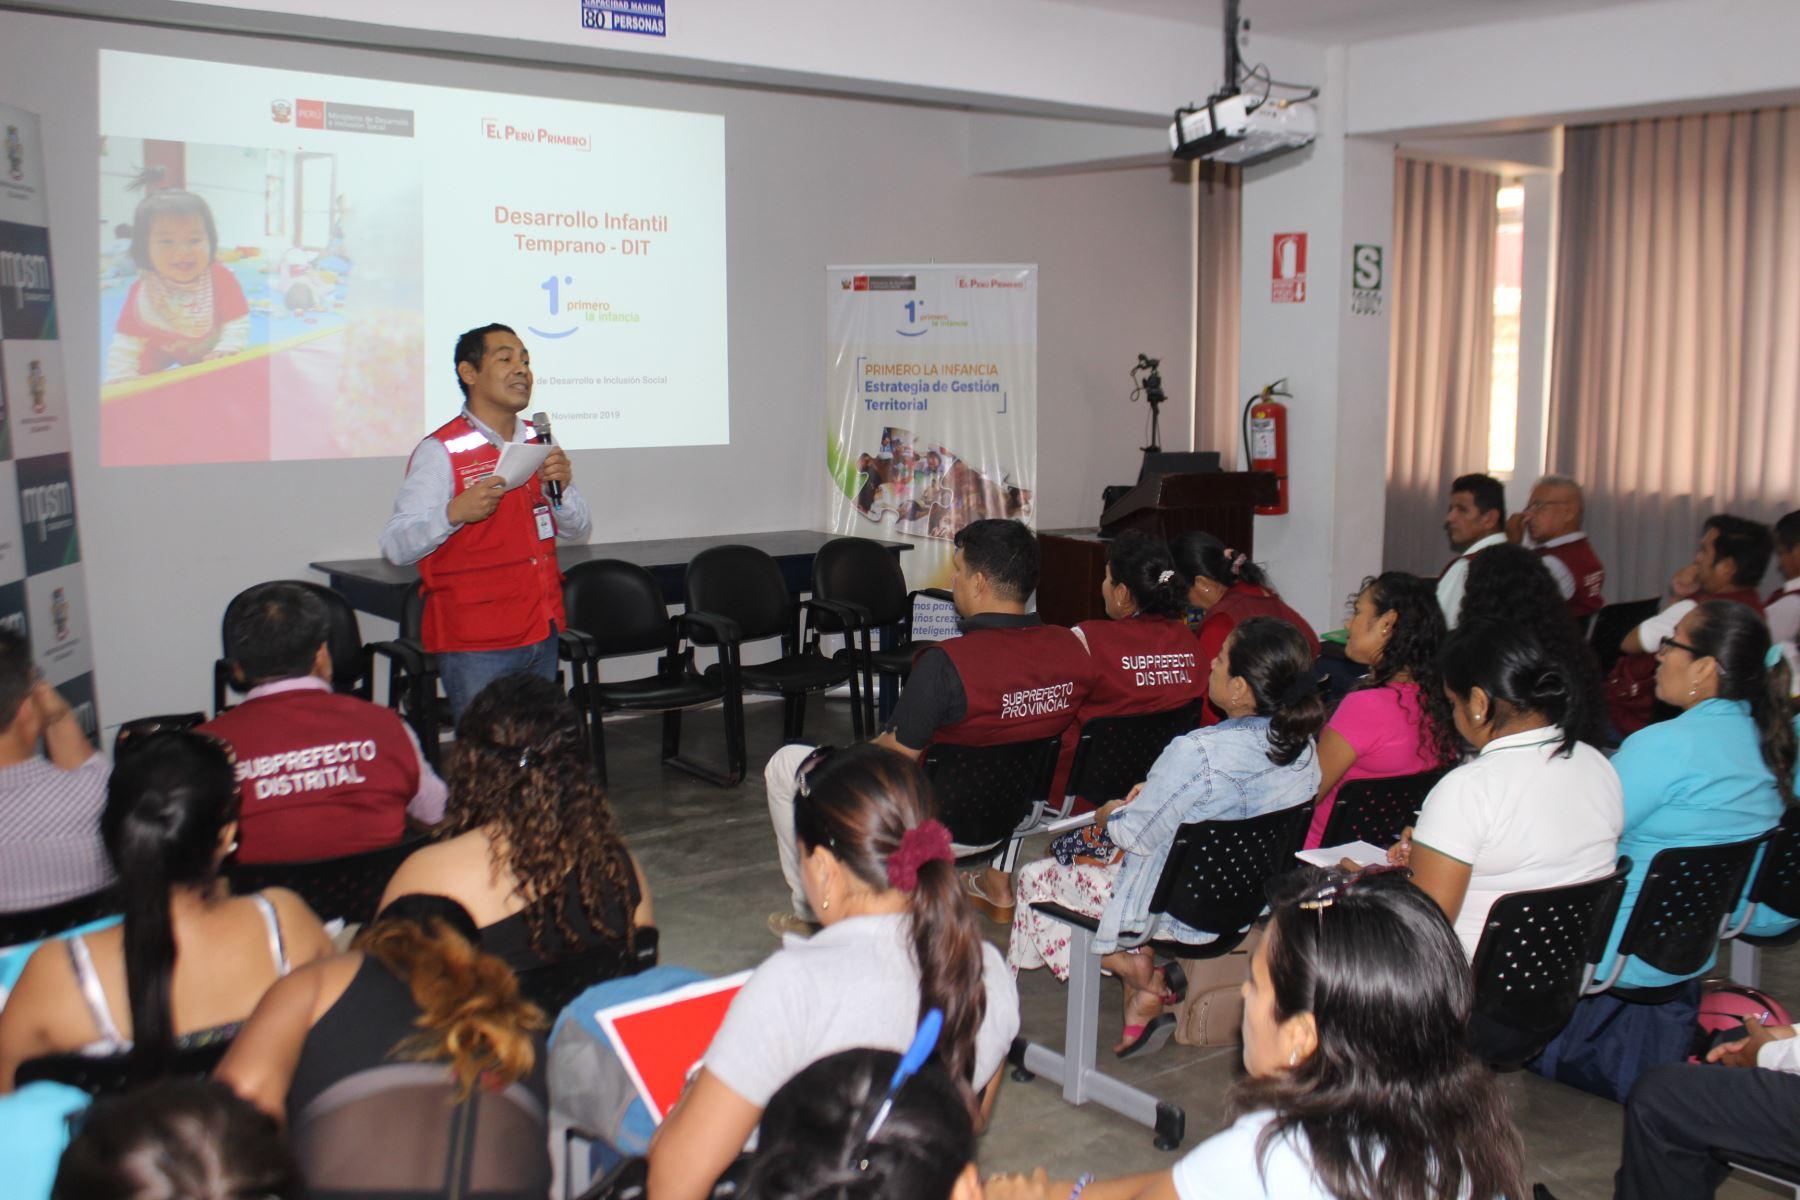 Capacitan a autoridades de la provincia y región San Martín sobre la estrategia Primero la Infancia.